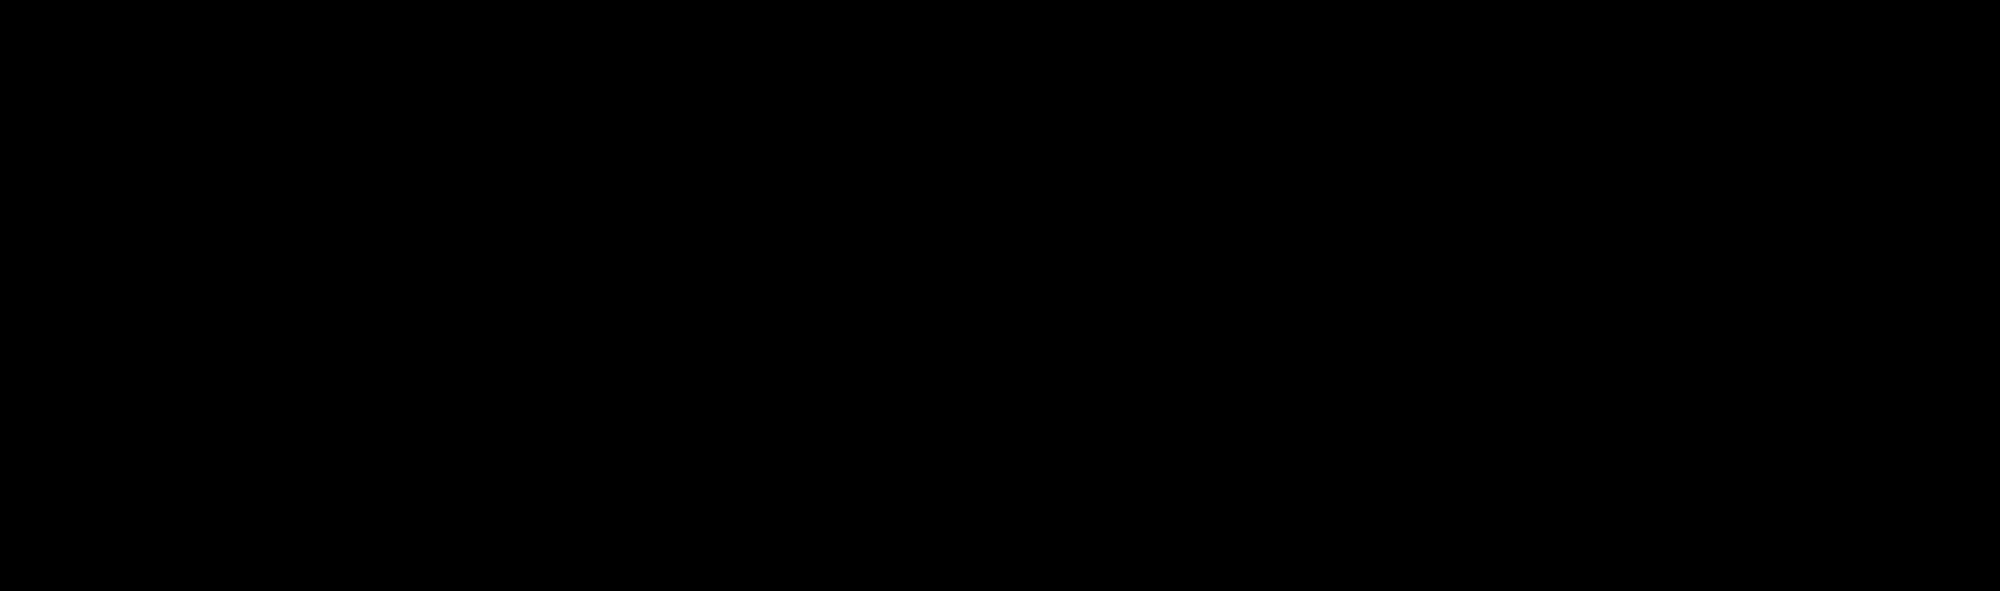 Produkty Gorenje W Morele Net